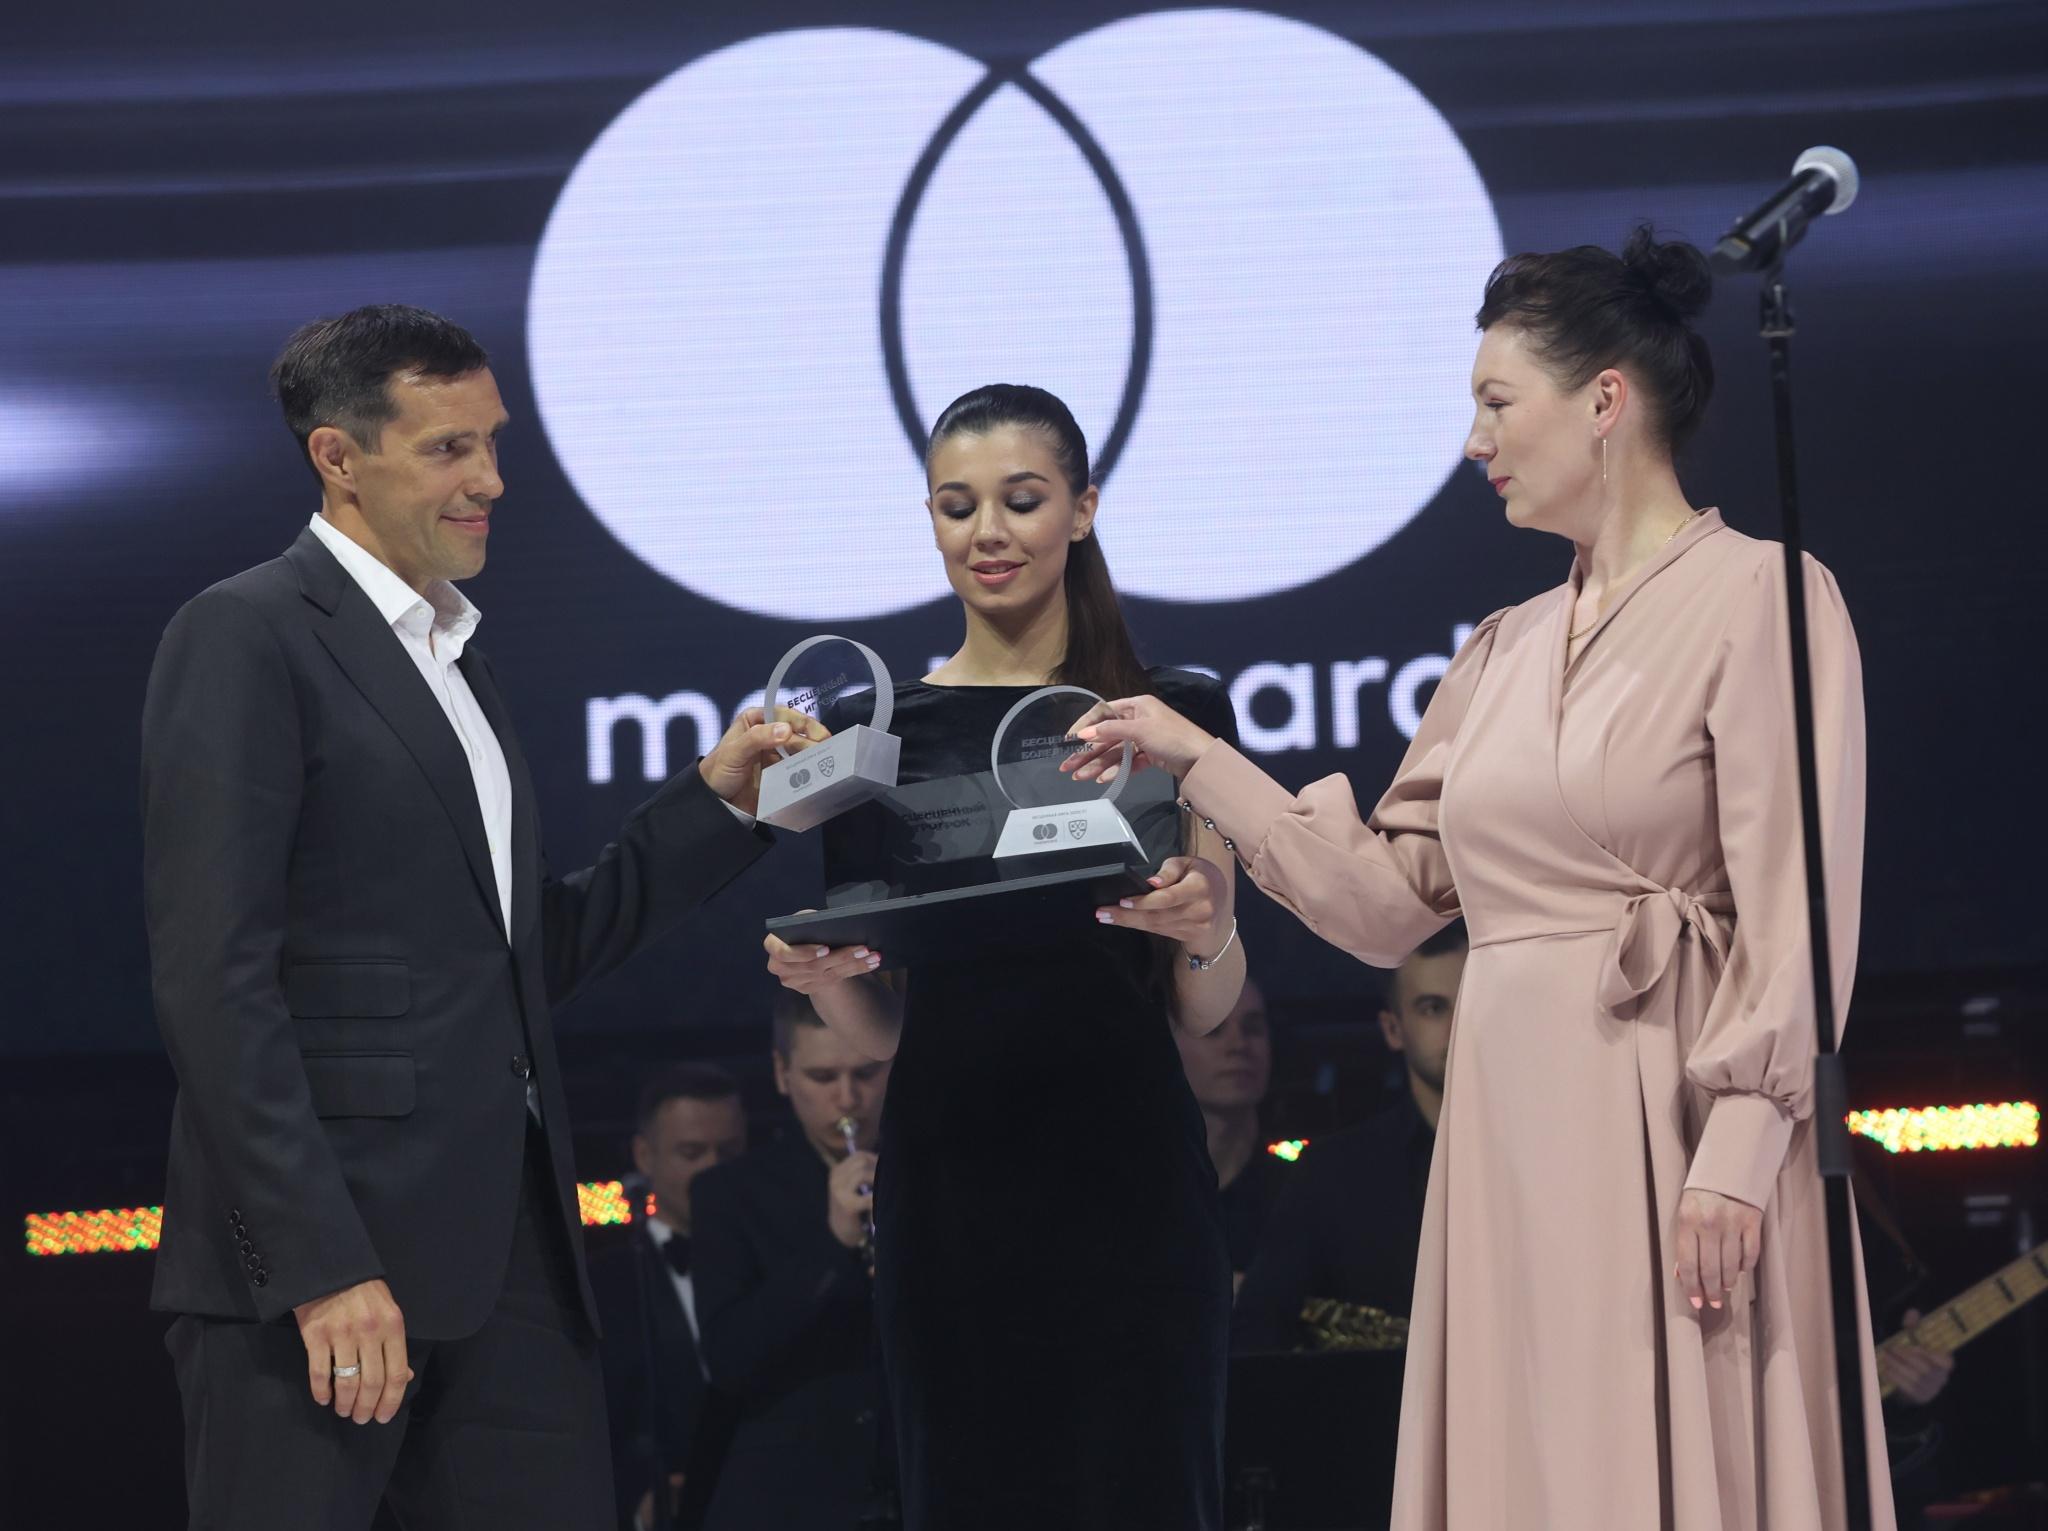 KHL_MC_Павел Дацюк и Анна Ганьжина.jpg